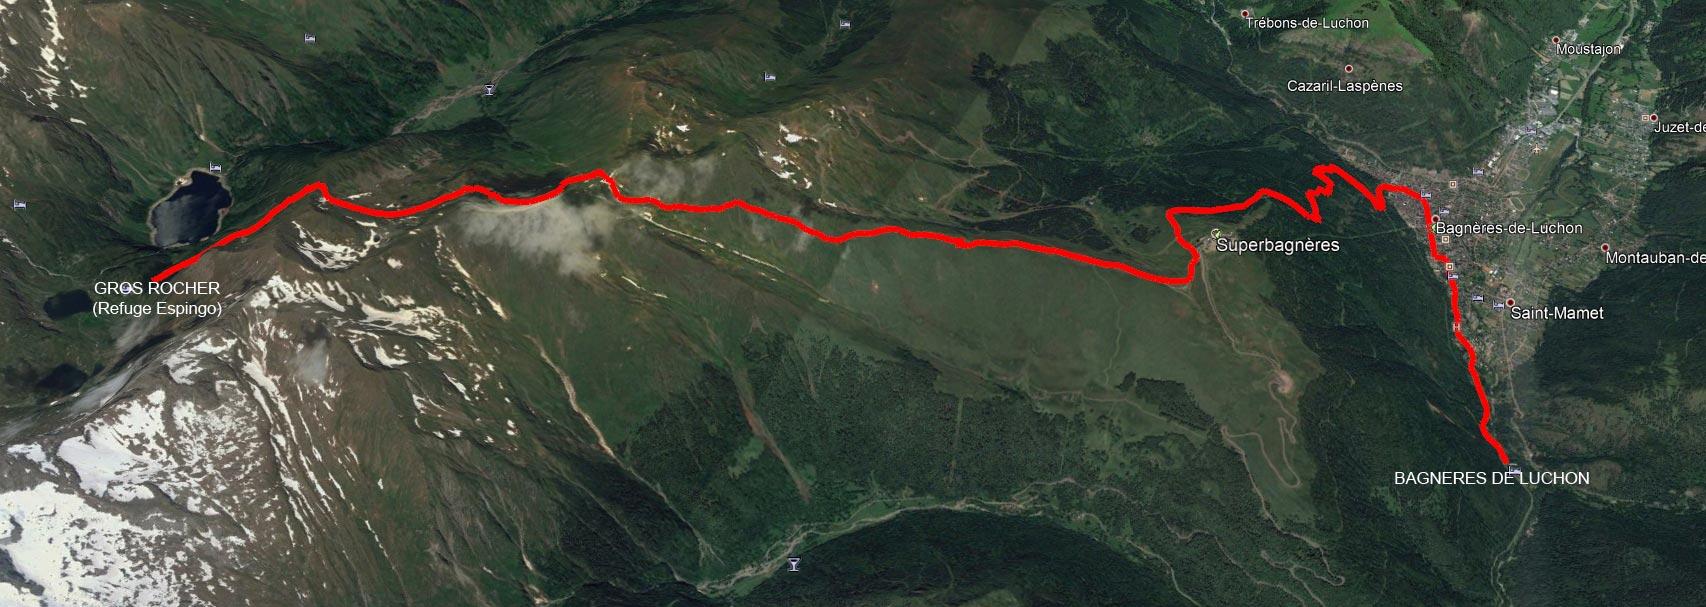 Gros rocher Refuge Espingo à Bagnères de Luchon